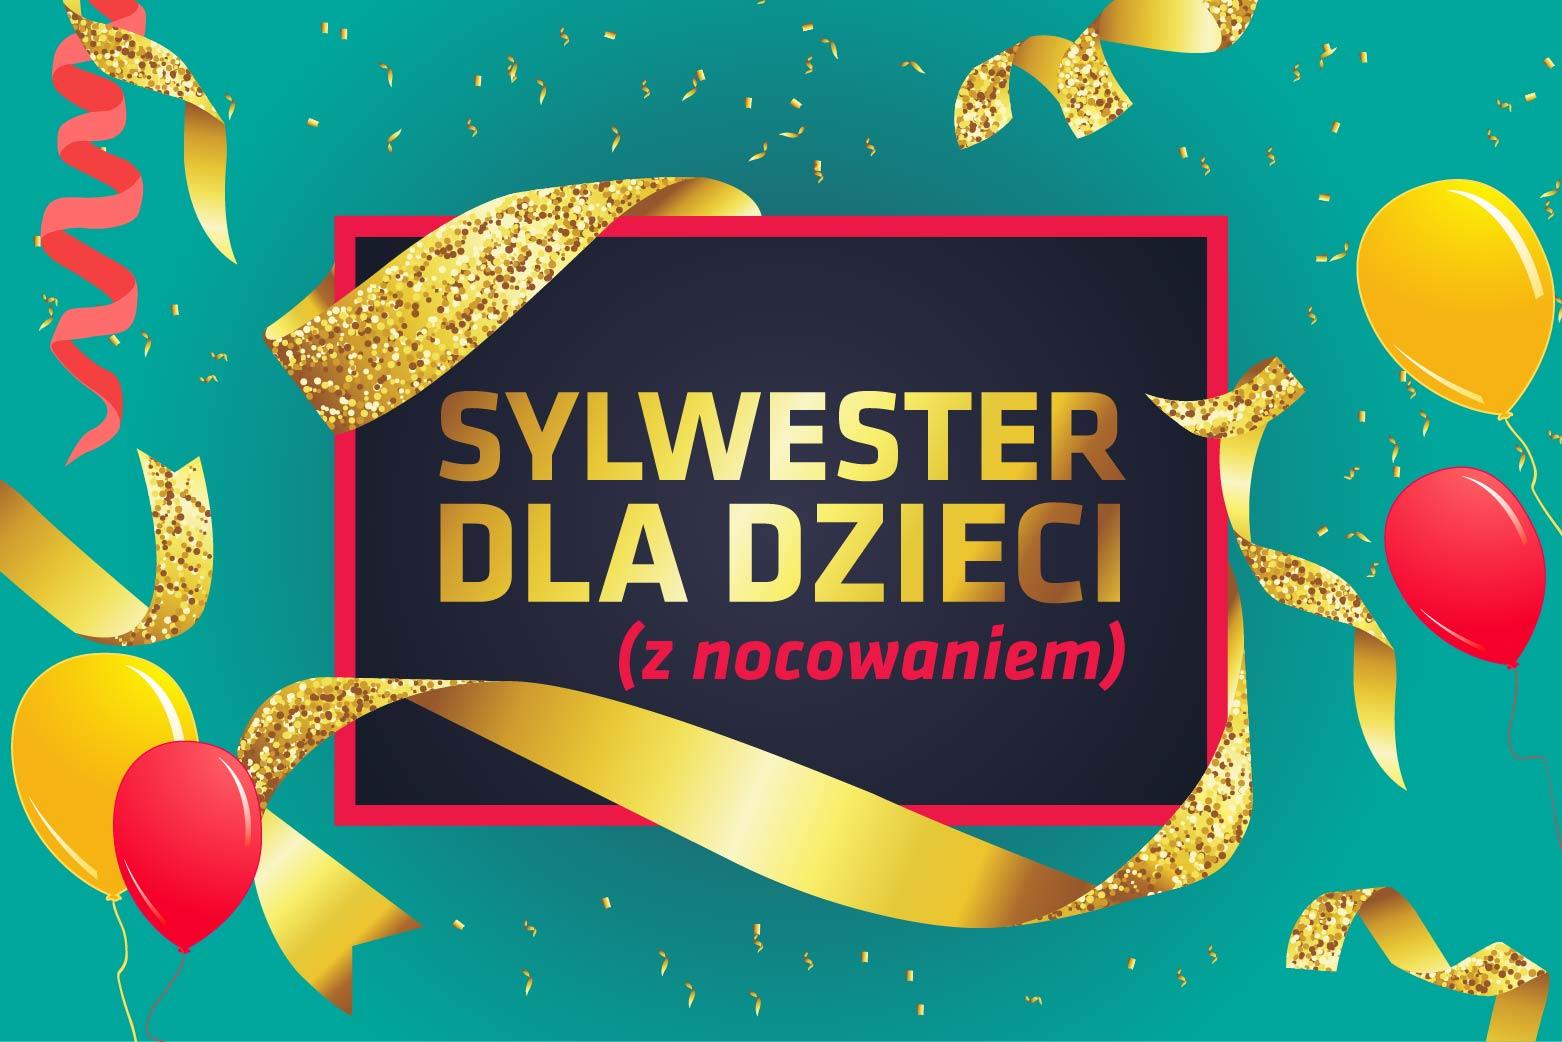 Sylwester 2019/20 dla dzieci